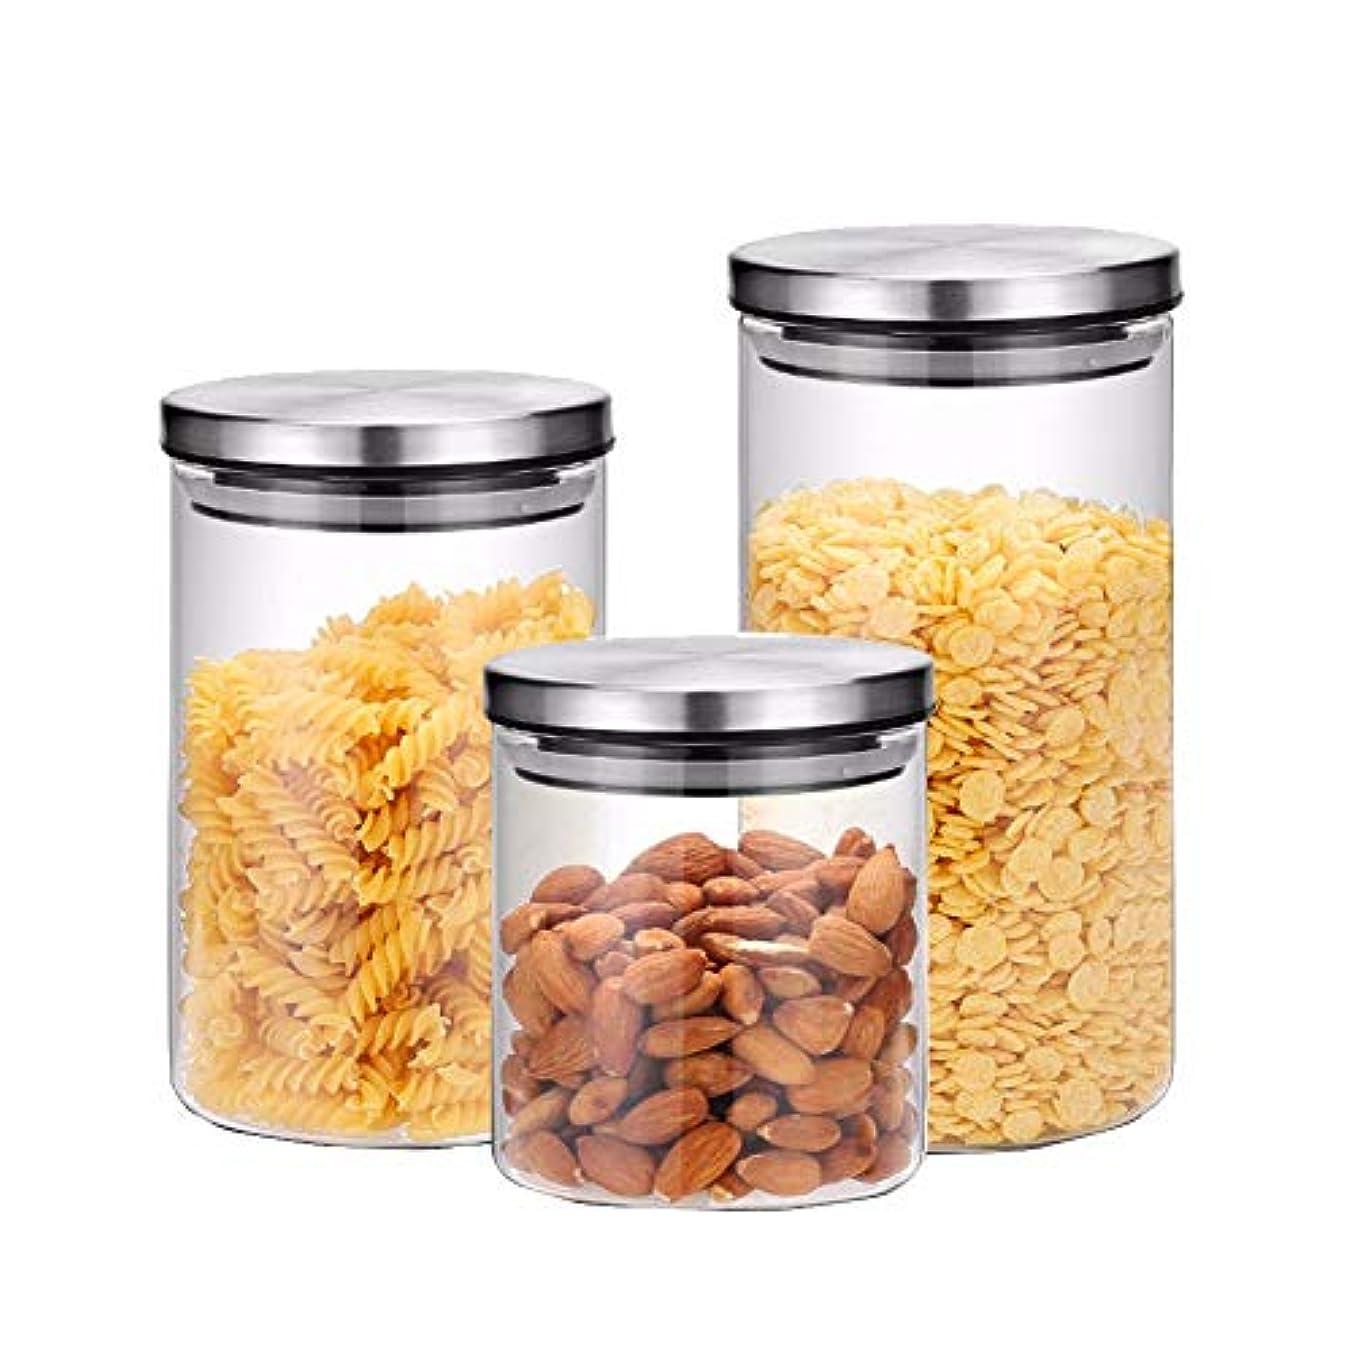 できる良い行くガラスストレージジャースリーピースステンレススチールカバーガラスティーポットキッチン雑多な食品貯蔵瓶